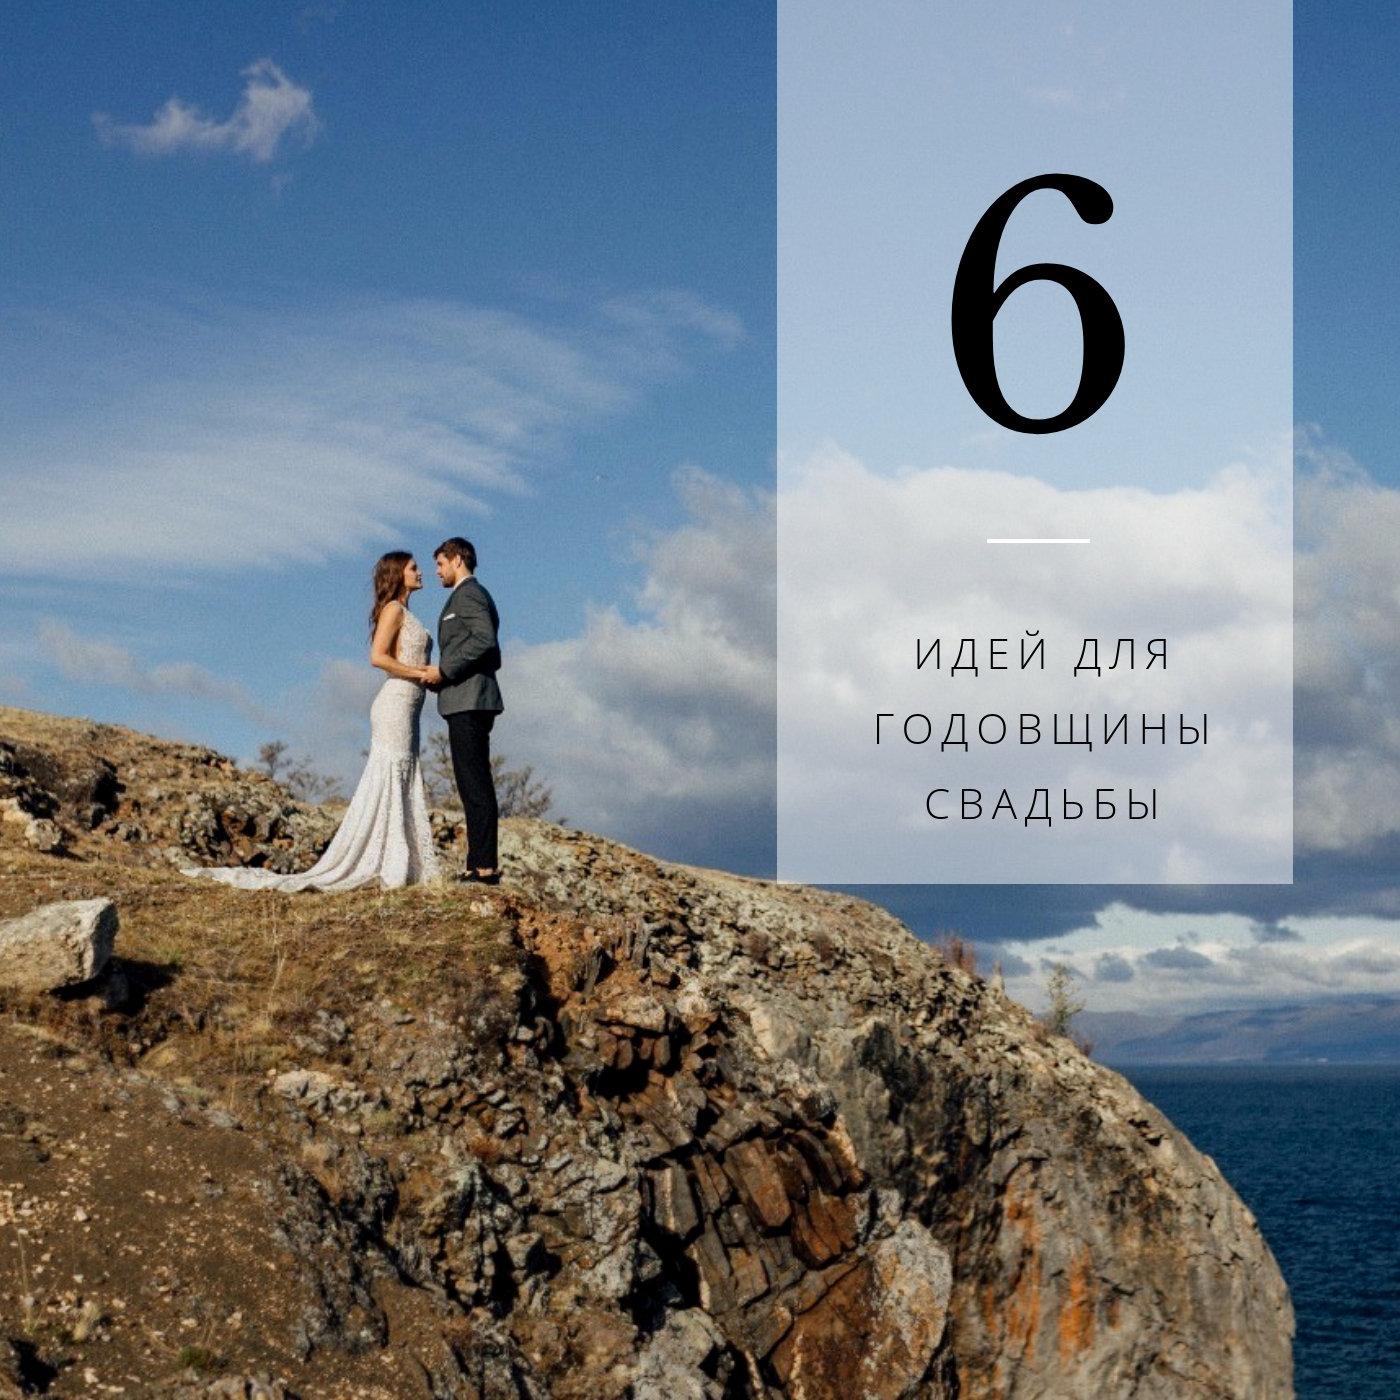 Как отметить годовщину свадьбы: 6 идей